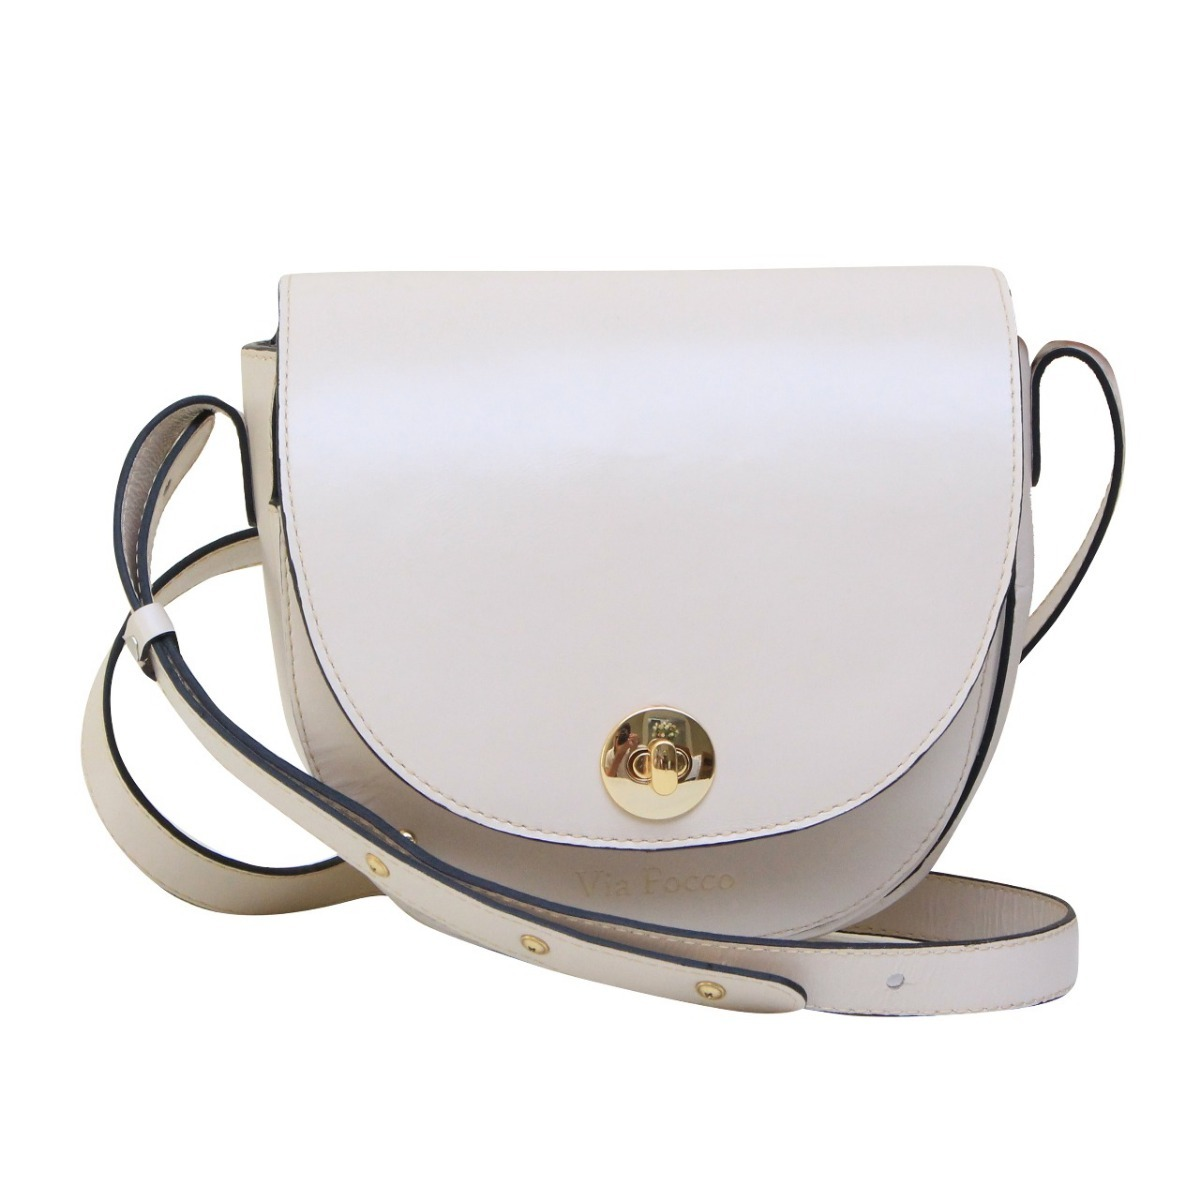 05ce0ed70 Bolsas Femininas Baratas De Couro Legítimo - R$ 189,90 em Mercado Livre